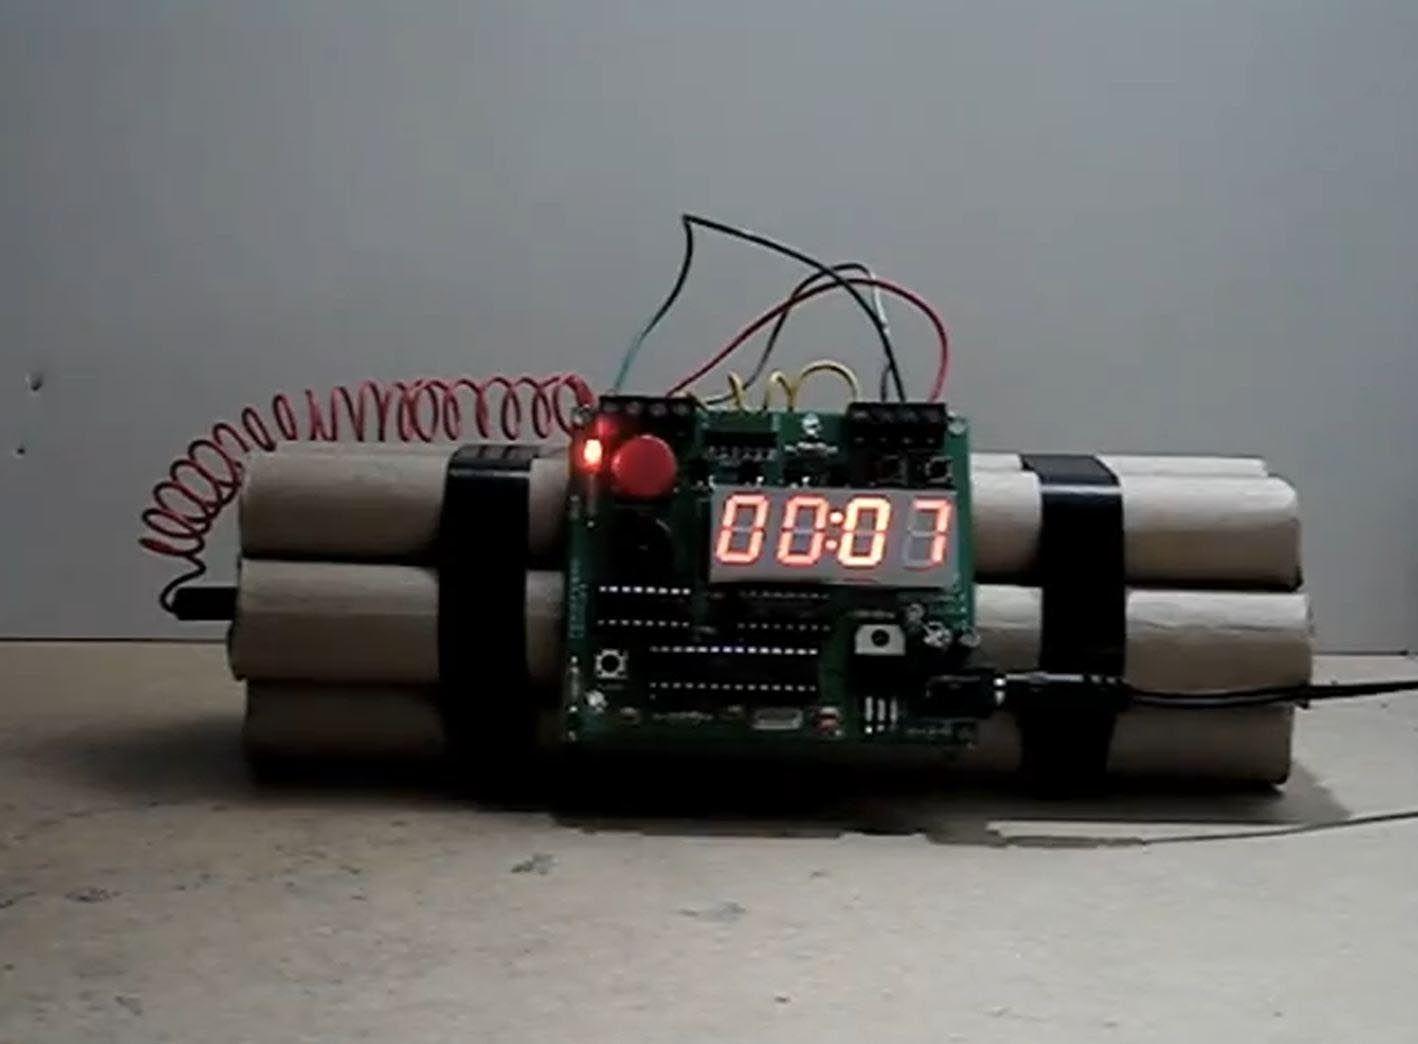 cool office clocks. Cool Office Clocks. Digital Alarm Clocks L